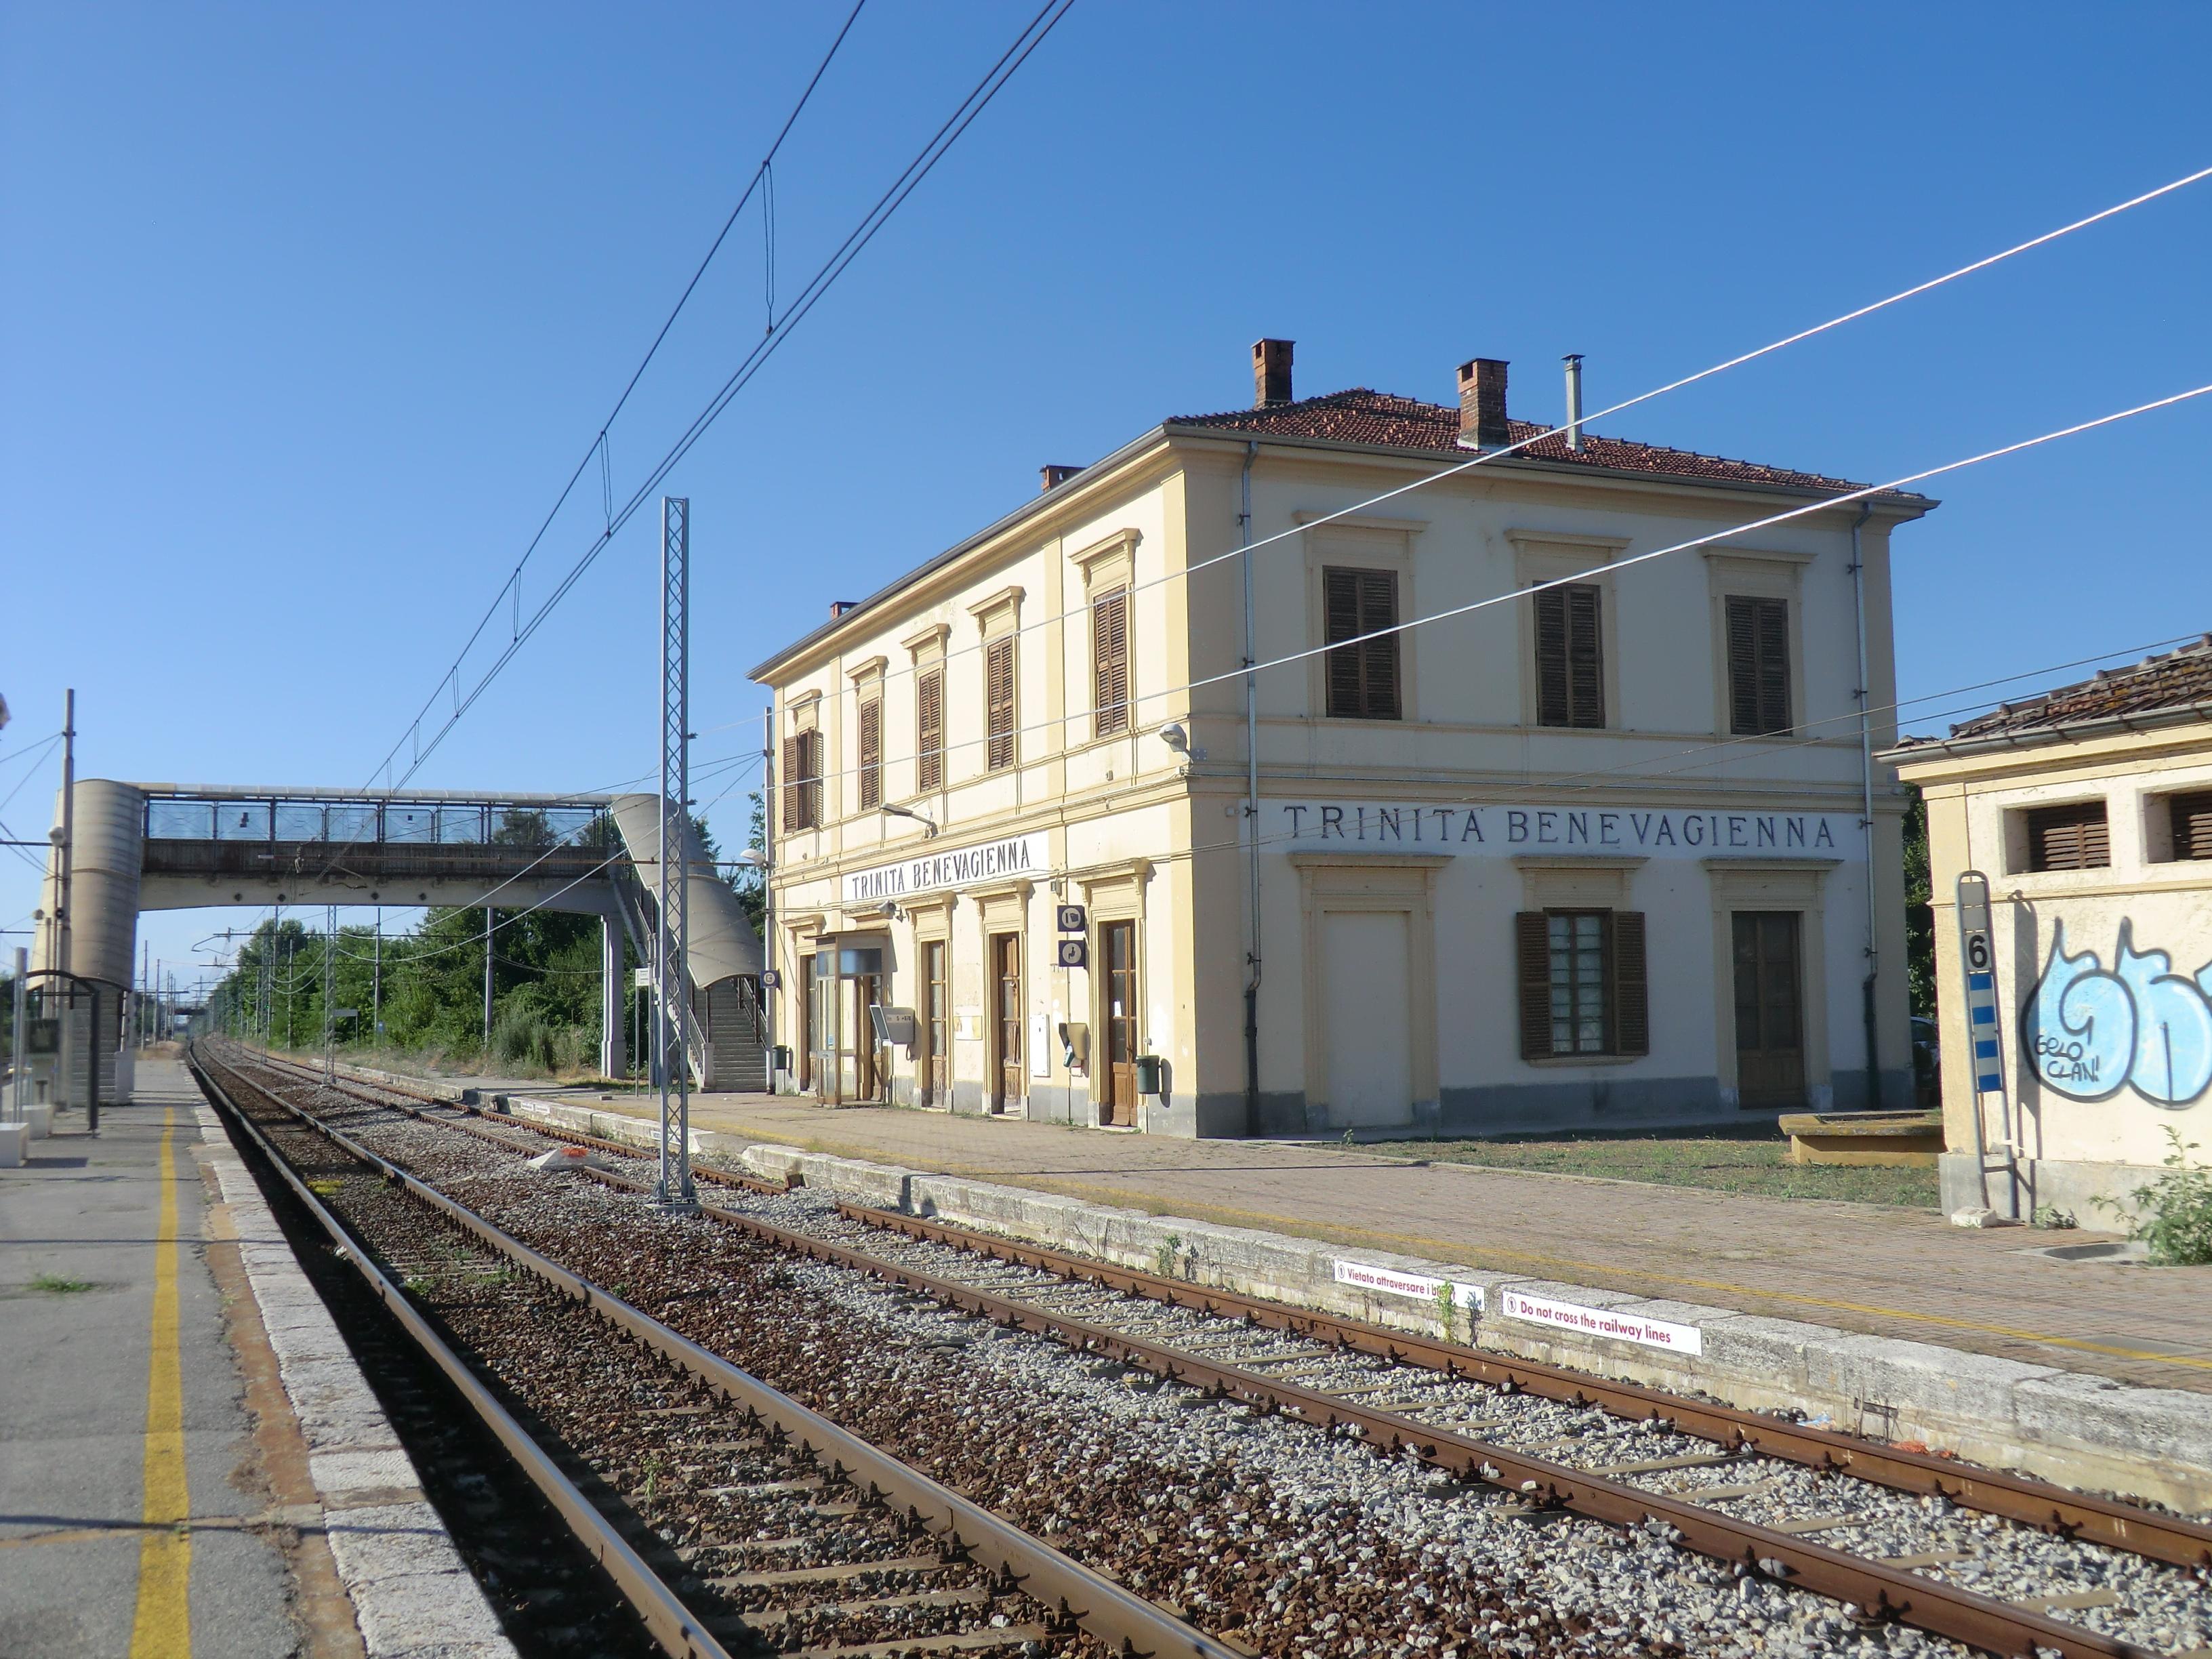 La stazione ferroviaria di Trinità